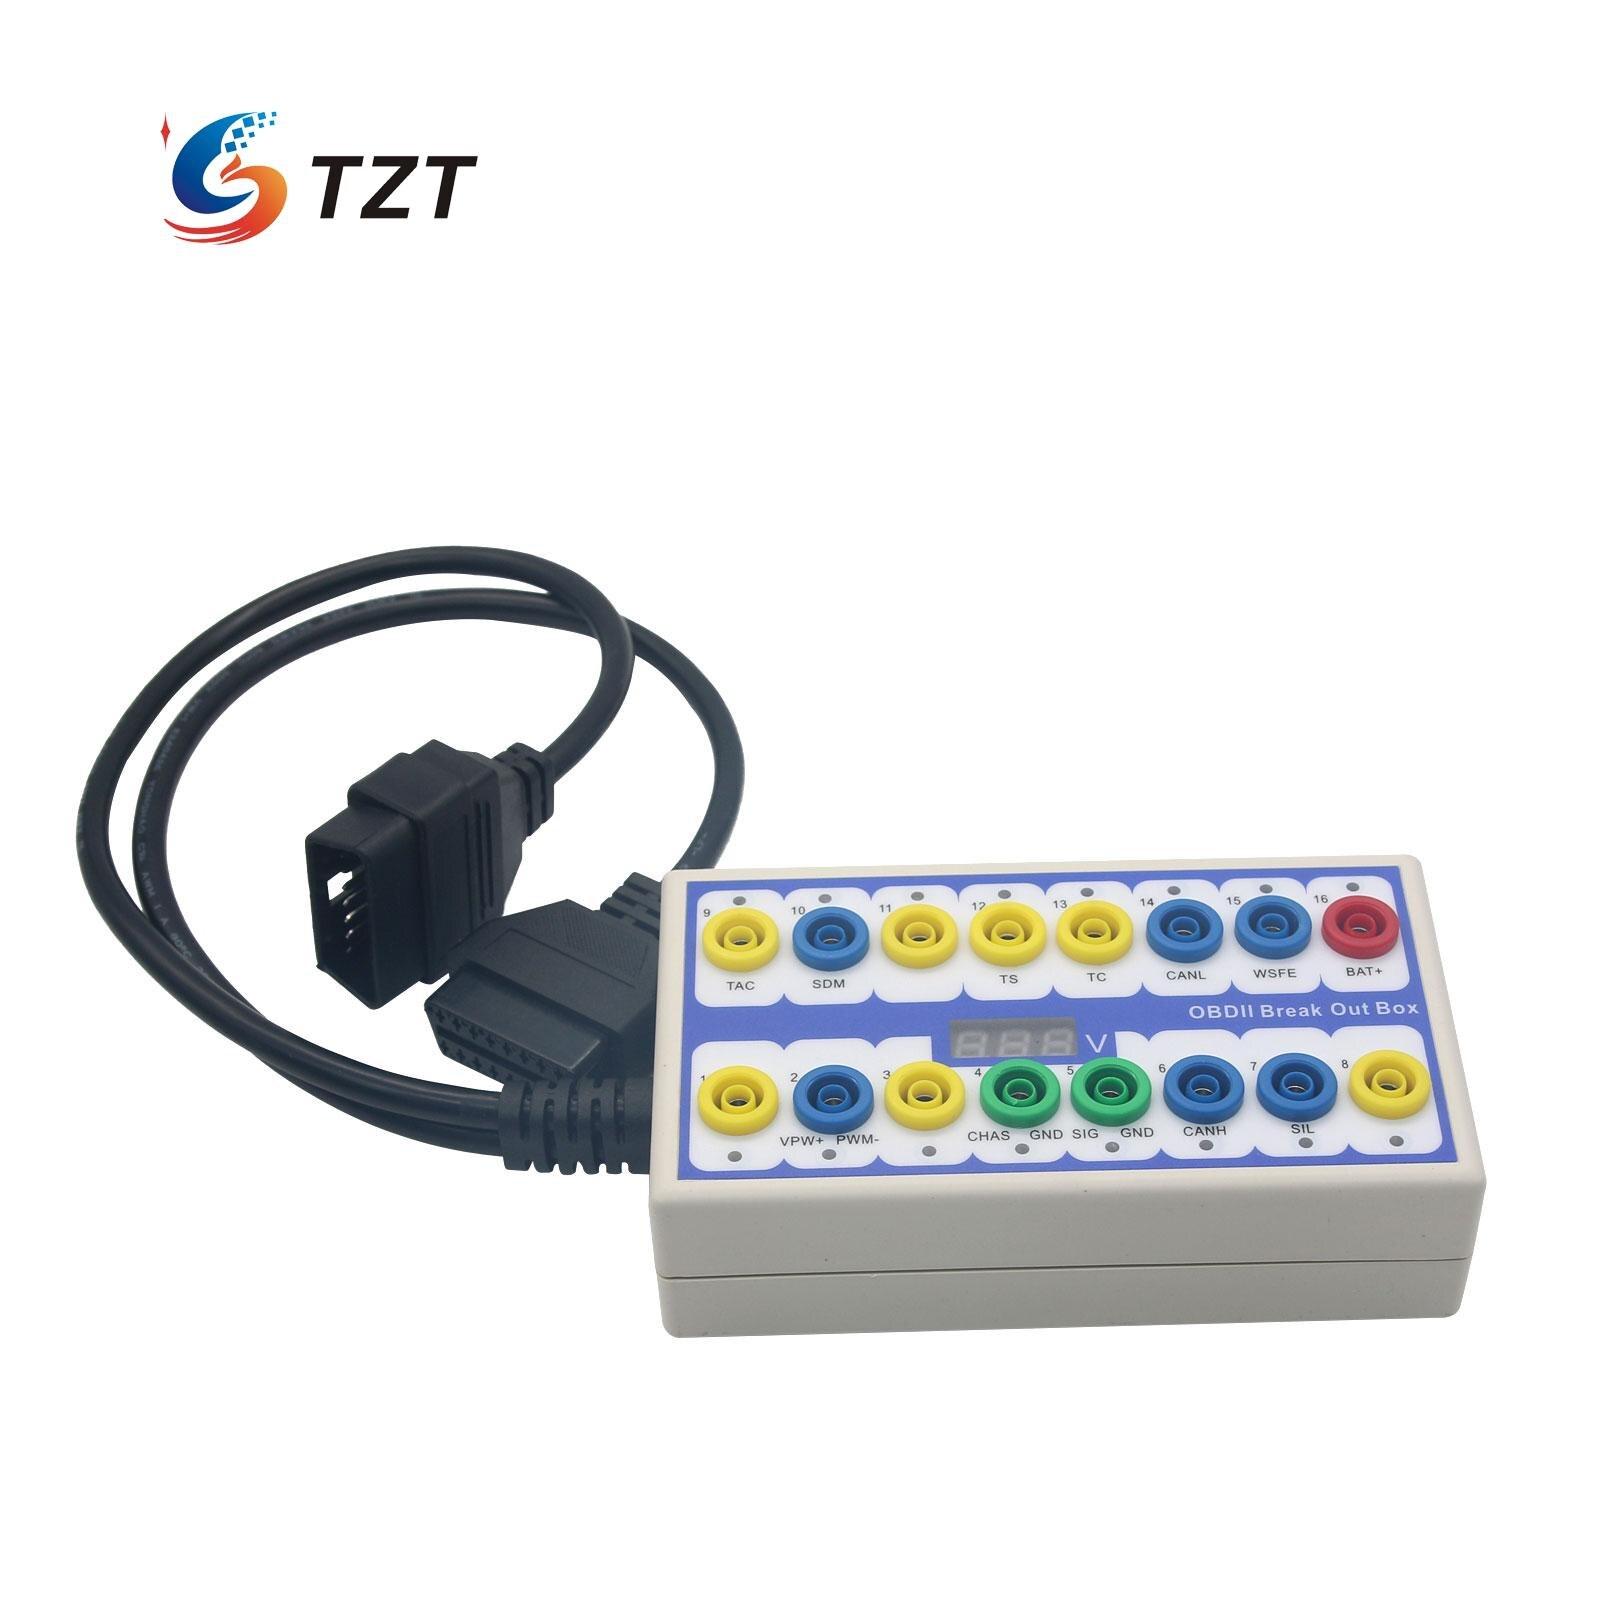 Breakout Box OBDII Breakout Box OBD2 Car Protocol Detector Auto Can Test Box Auto Connector Car